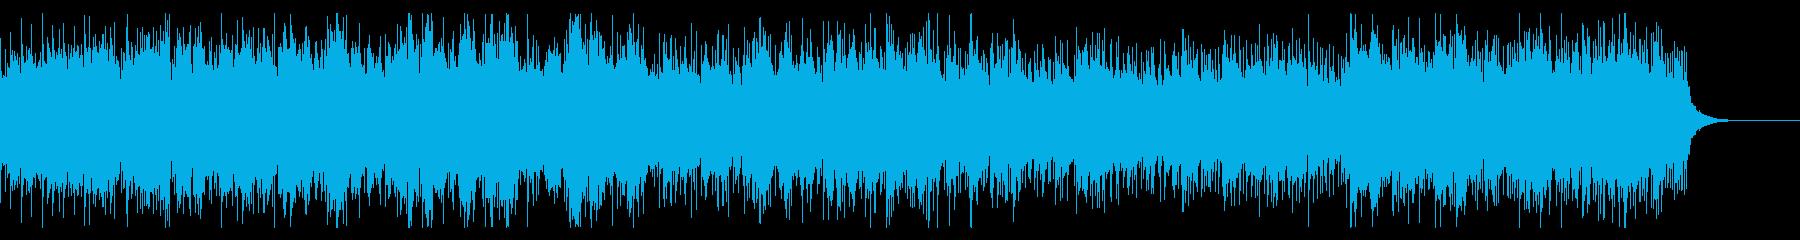 ヴァルキリープロファイル系戦闘曲の再生済みの波形